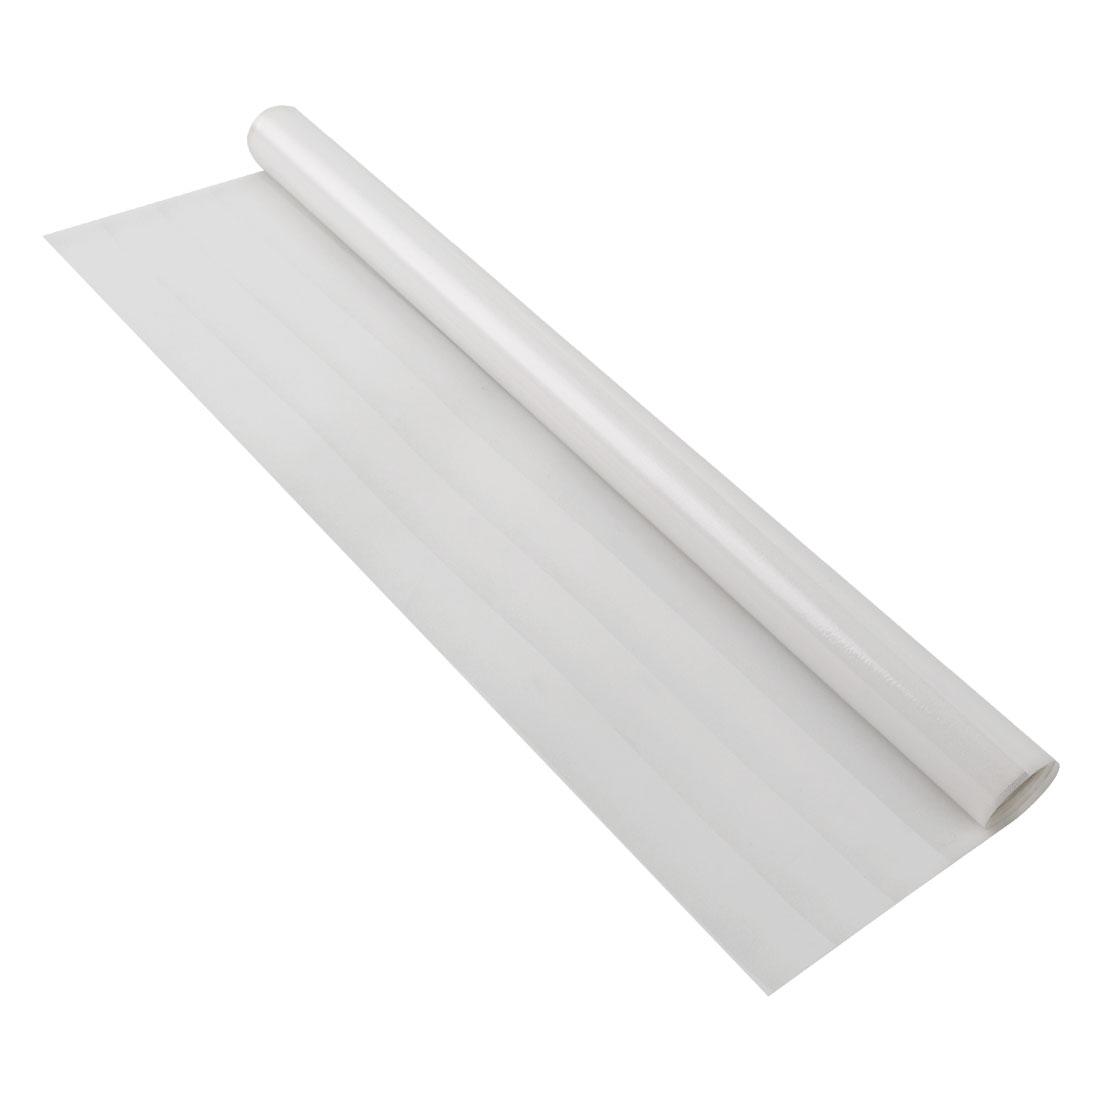 Self-sticky Home PVC Waterproof Anti UV Glass Window Film Sticker 17.7x78.7inch